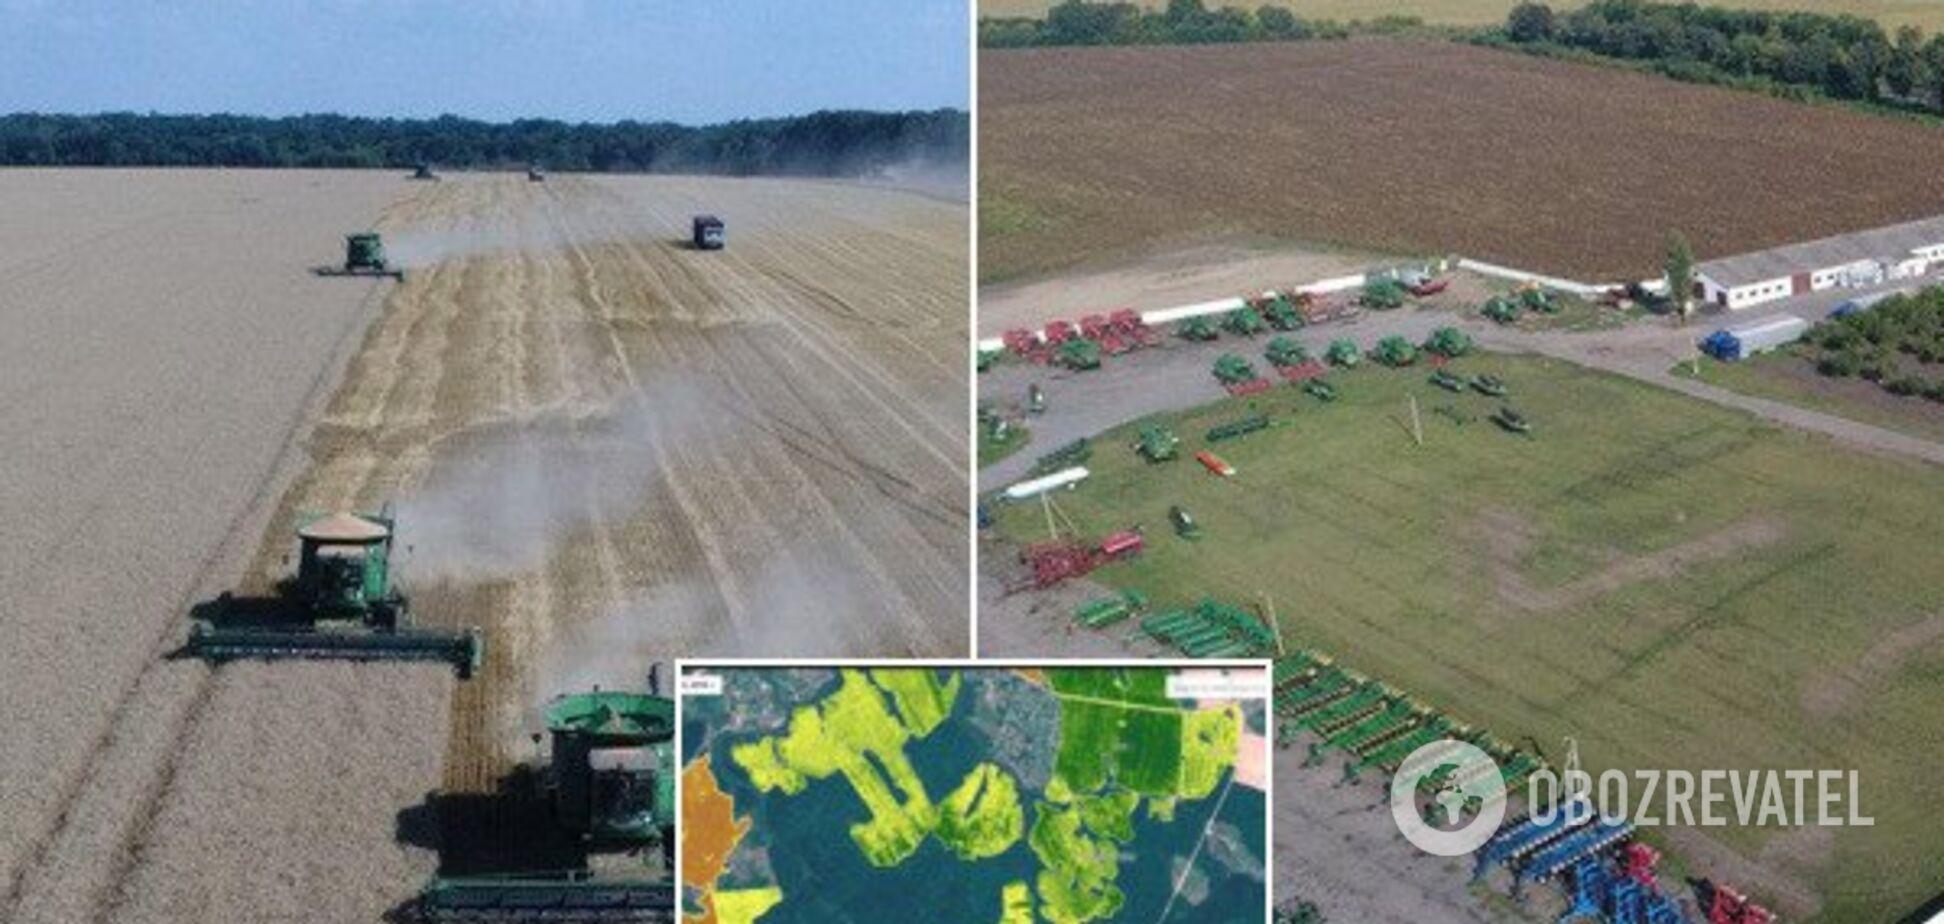 Знімки з супутника та дрони: як в Україні аграрії розвивають сільське господарство